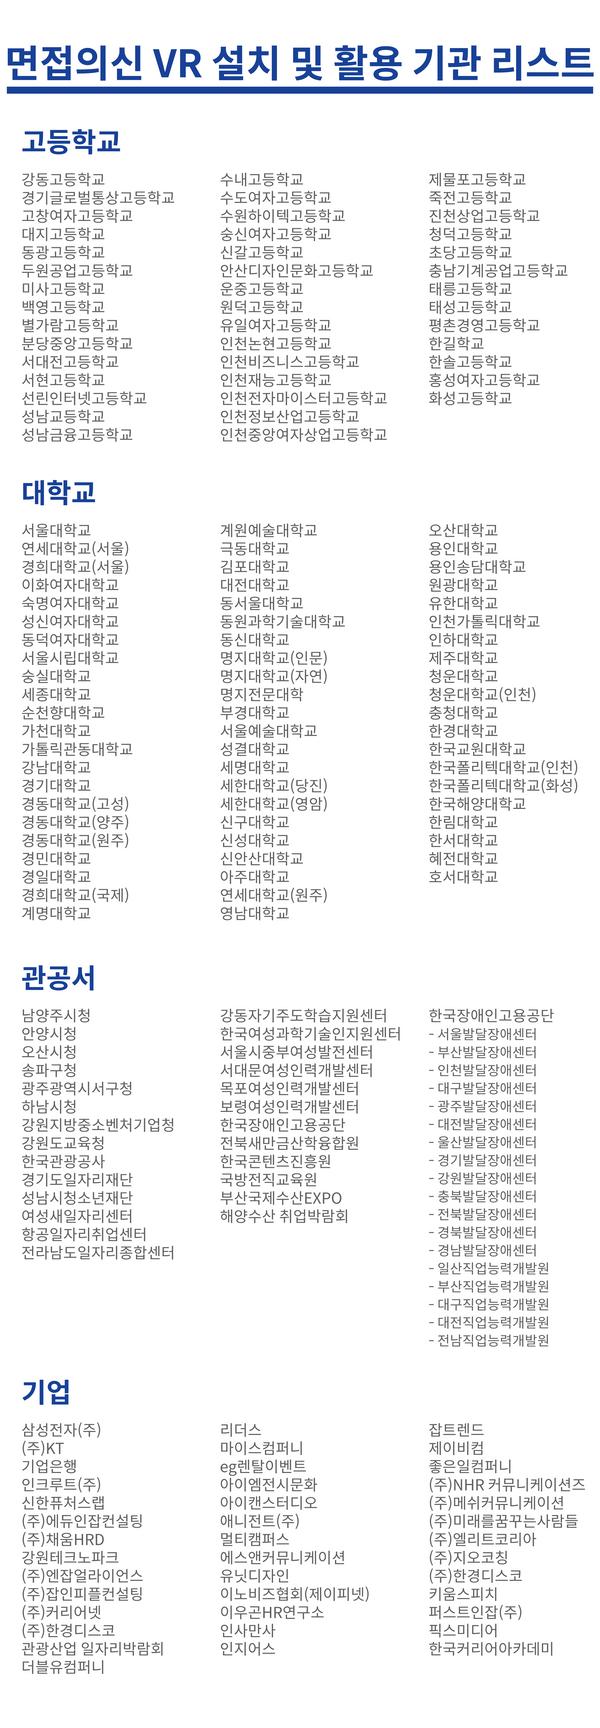 기관리스트(수정)-41.png